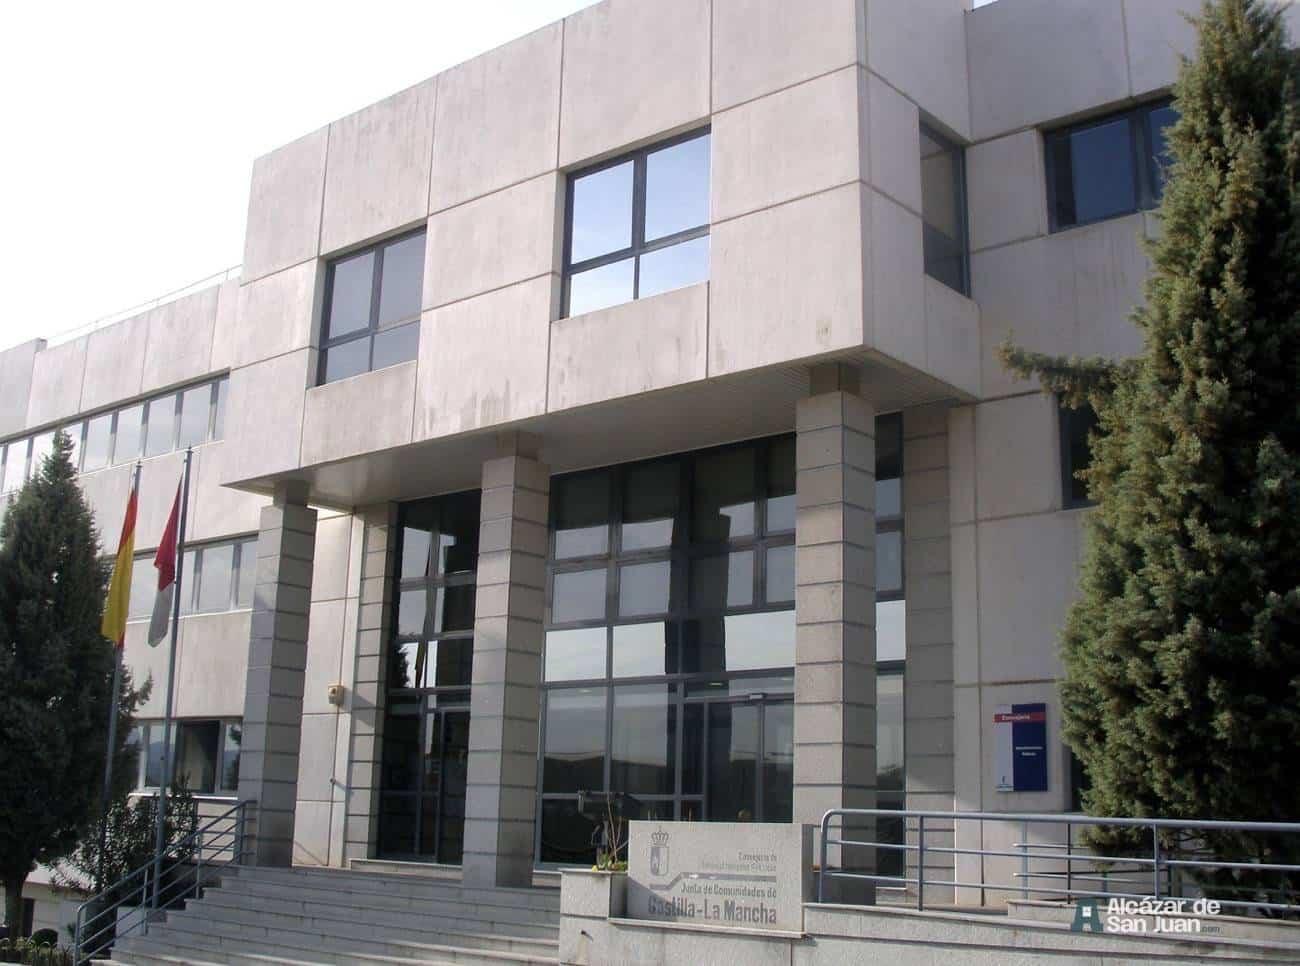 Consejeria de Administraciones Publicas de Castilla La Mancha - Convocado un proceso selectivo para la bolsa de secretarios-interventores de ayuntamientos de Castilla-La Mancha